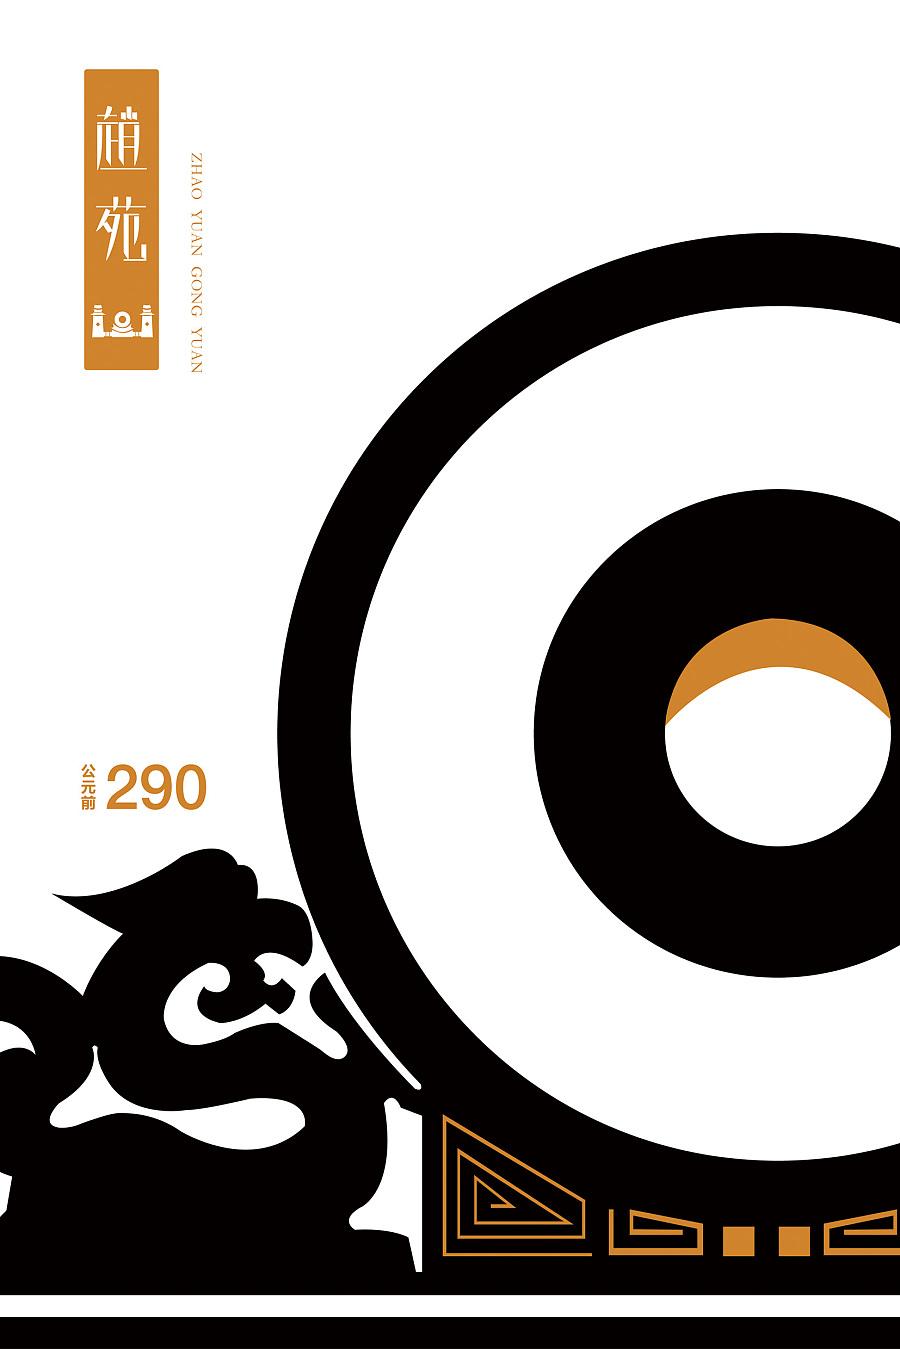 邯郸旅游景点图形设计及延展作品